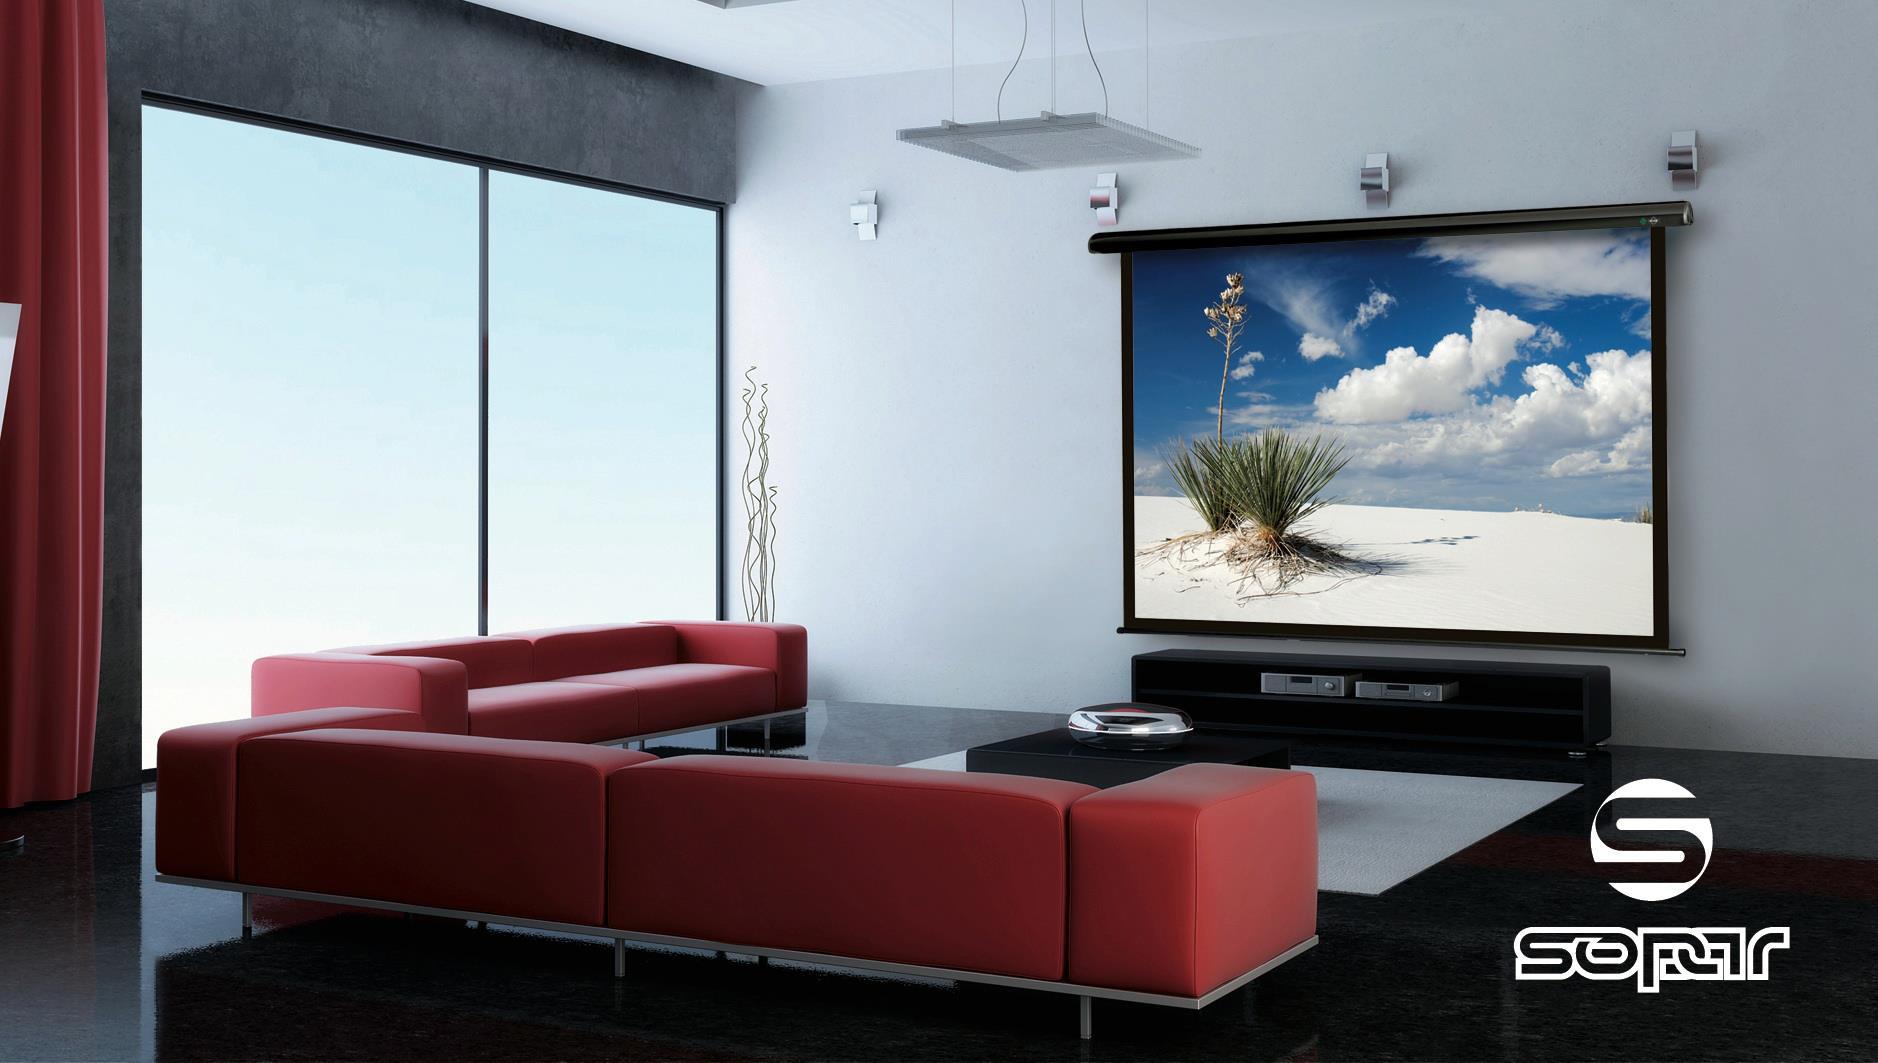 Sopar schermi proiezione